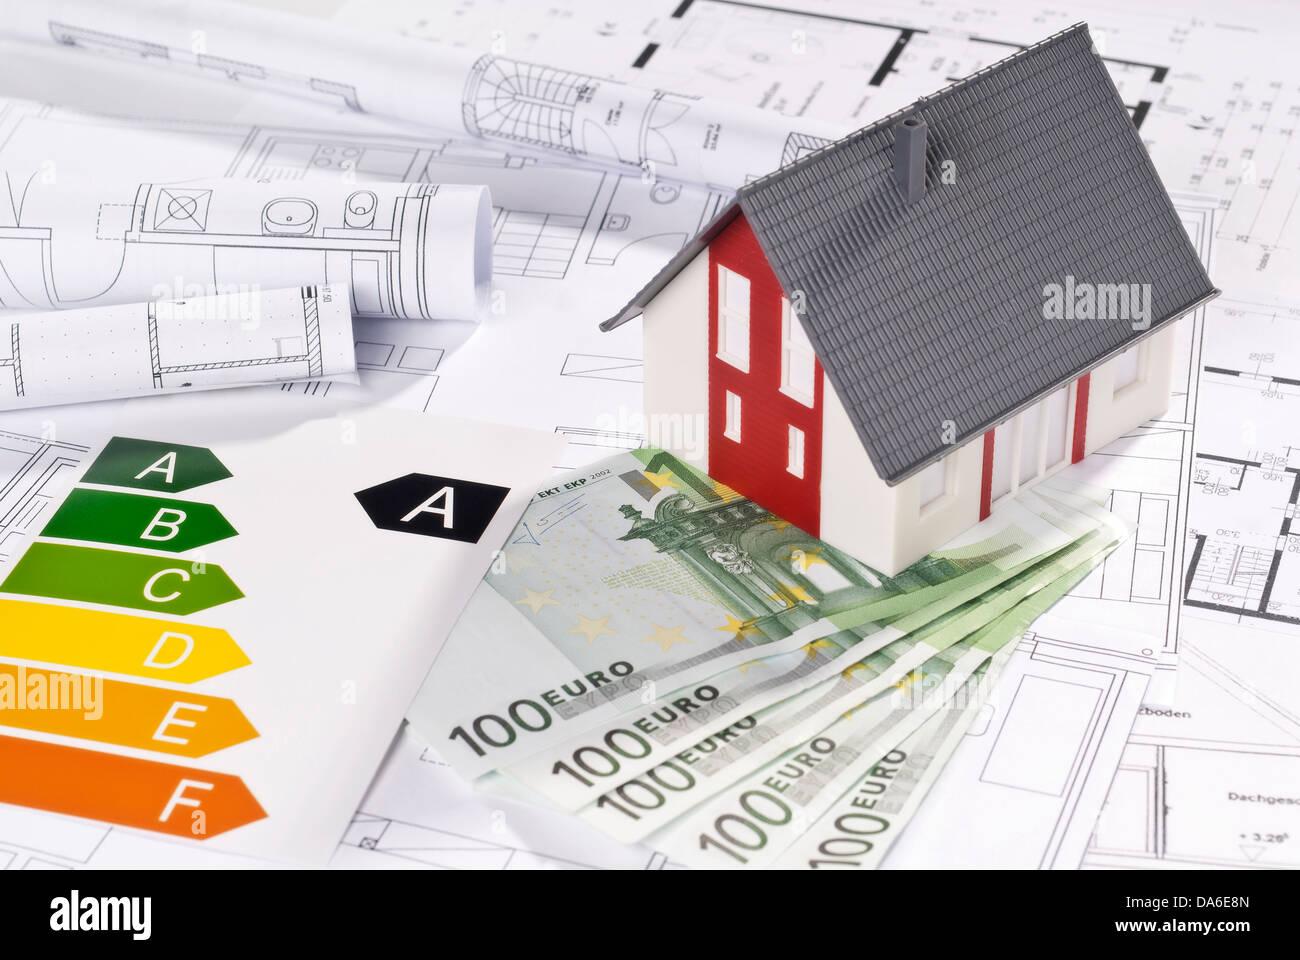 Etiqueta de eficiencia energética con el modelo arquitectónico, anteproyectos y proyectos. Imagen De Stock